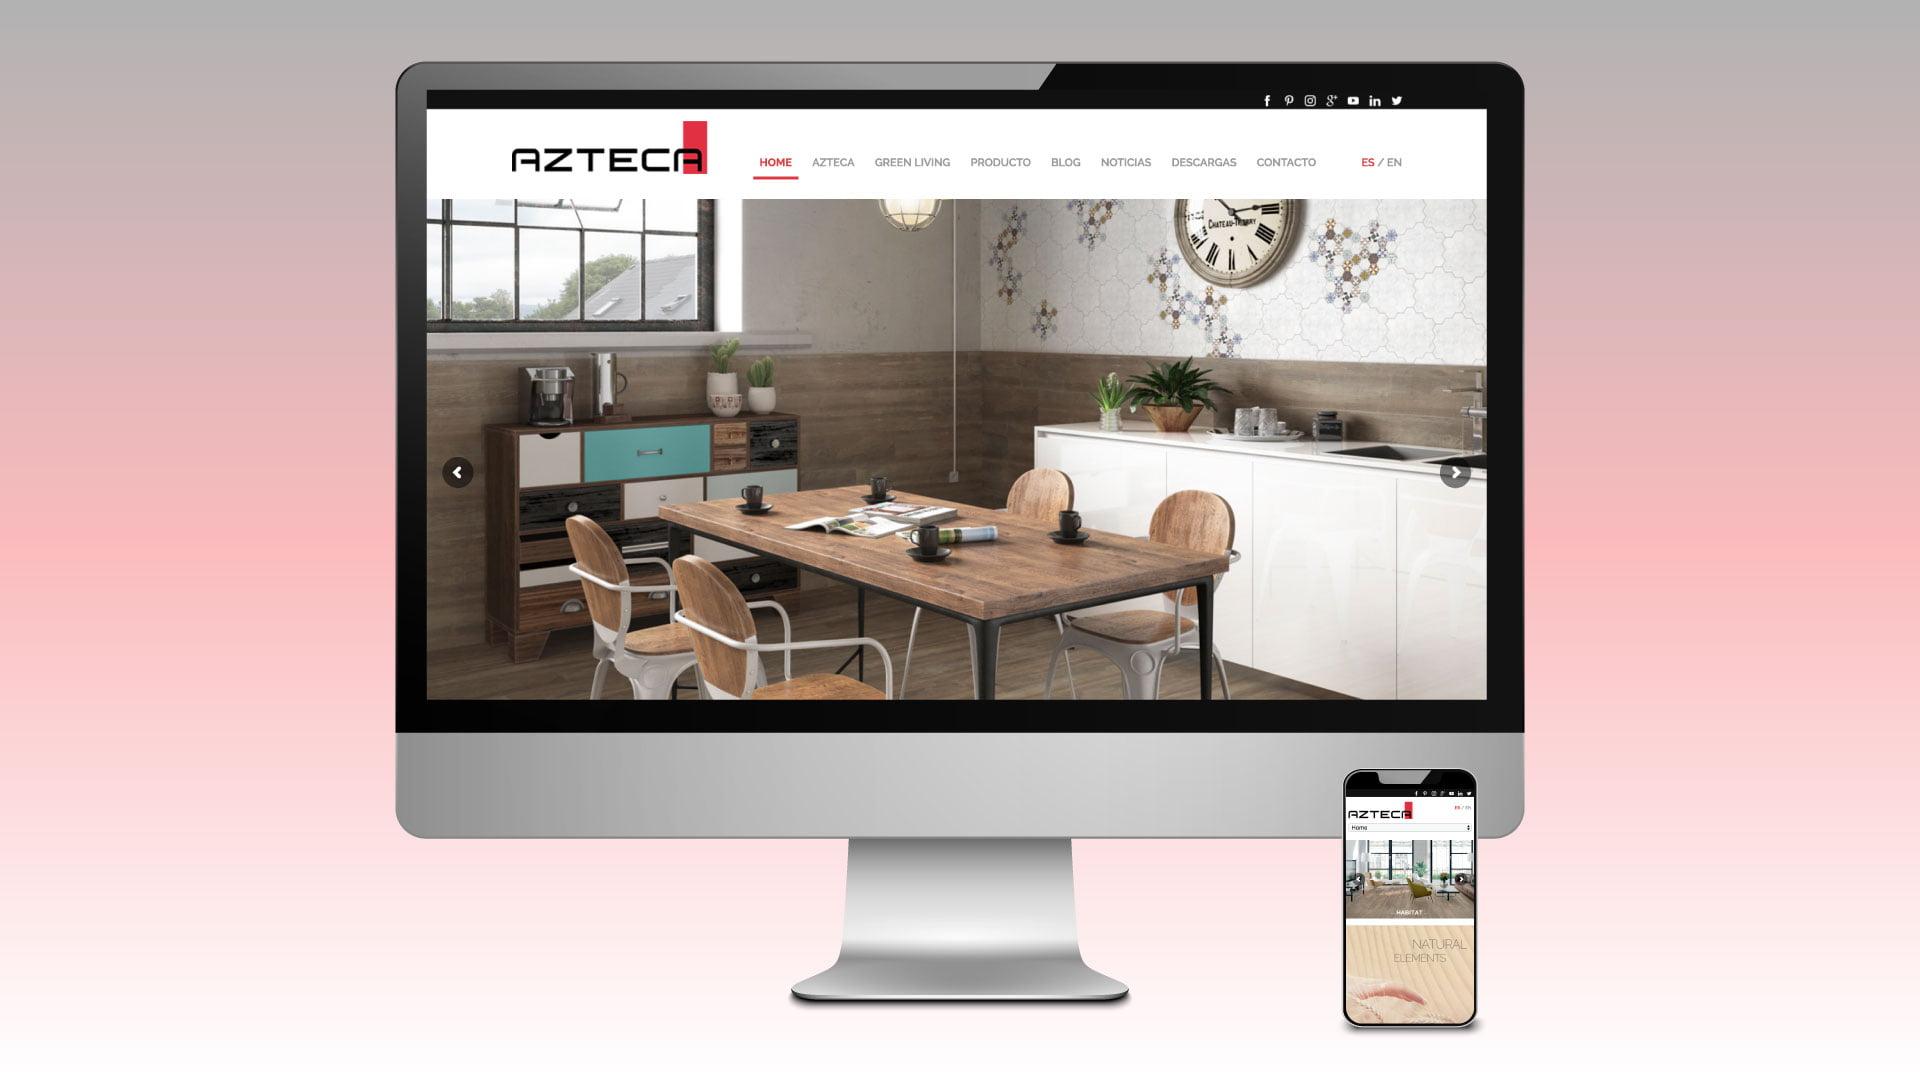 digitus-azteca-ceramica-web-desarrollo-creatividad-01